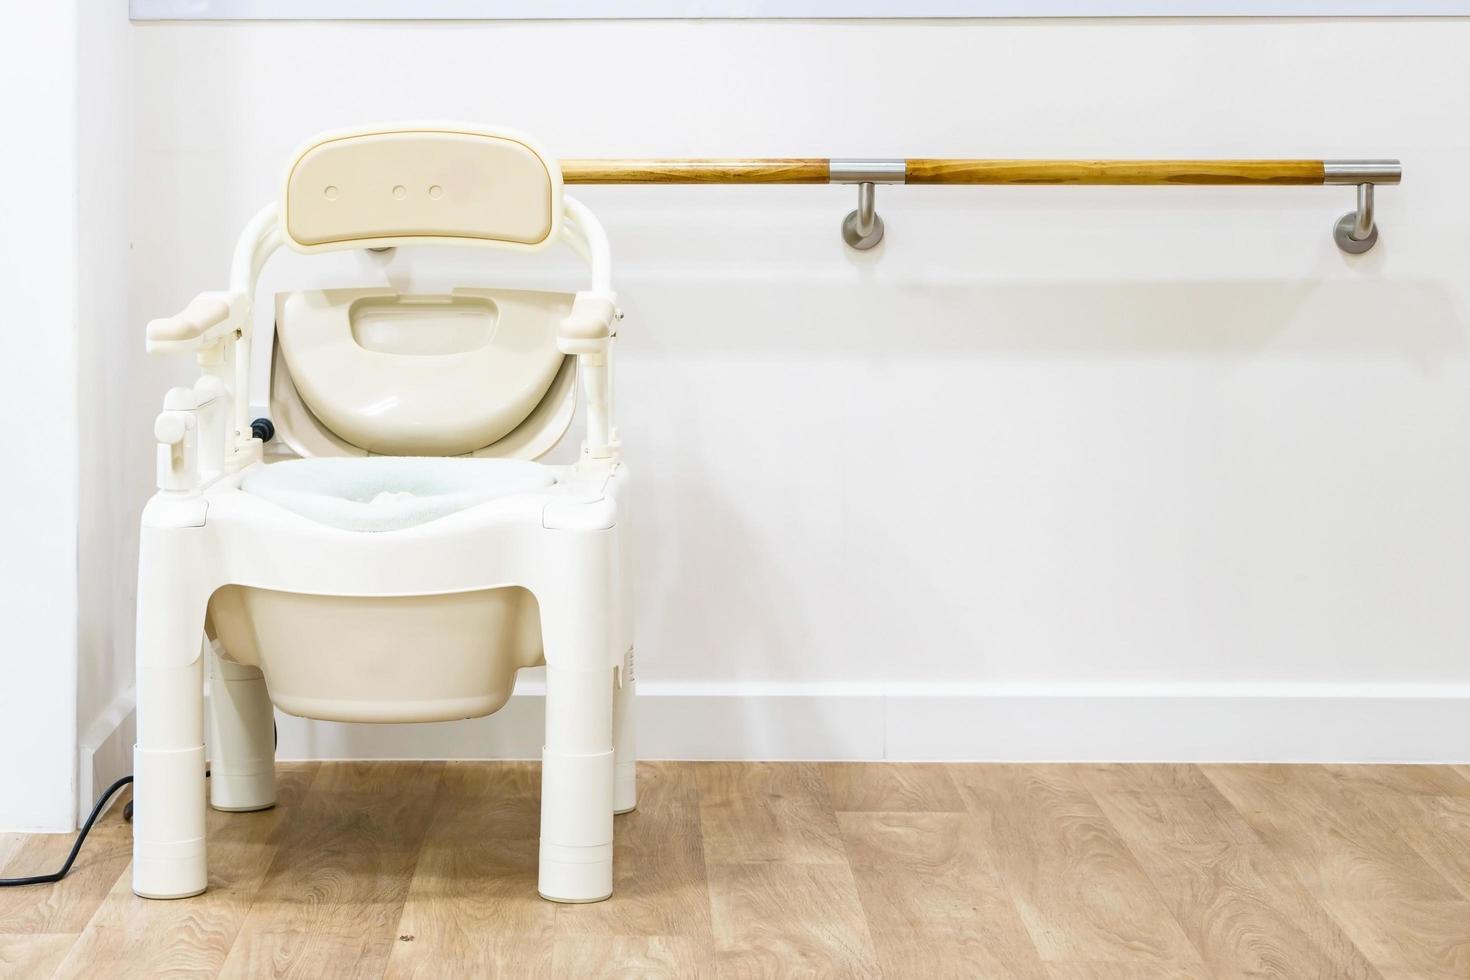 sedie comode e bagni portatili per anziani, vista laterale con copia spazio e testo. foto